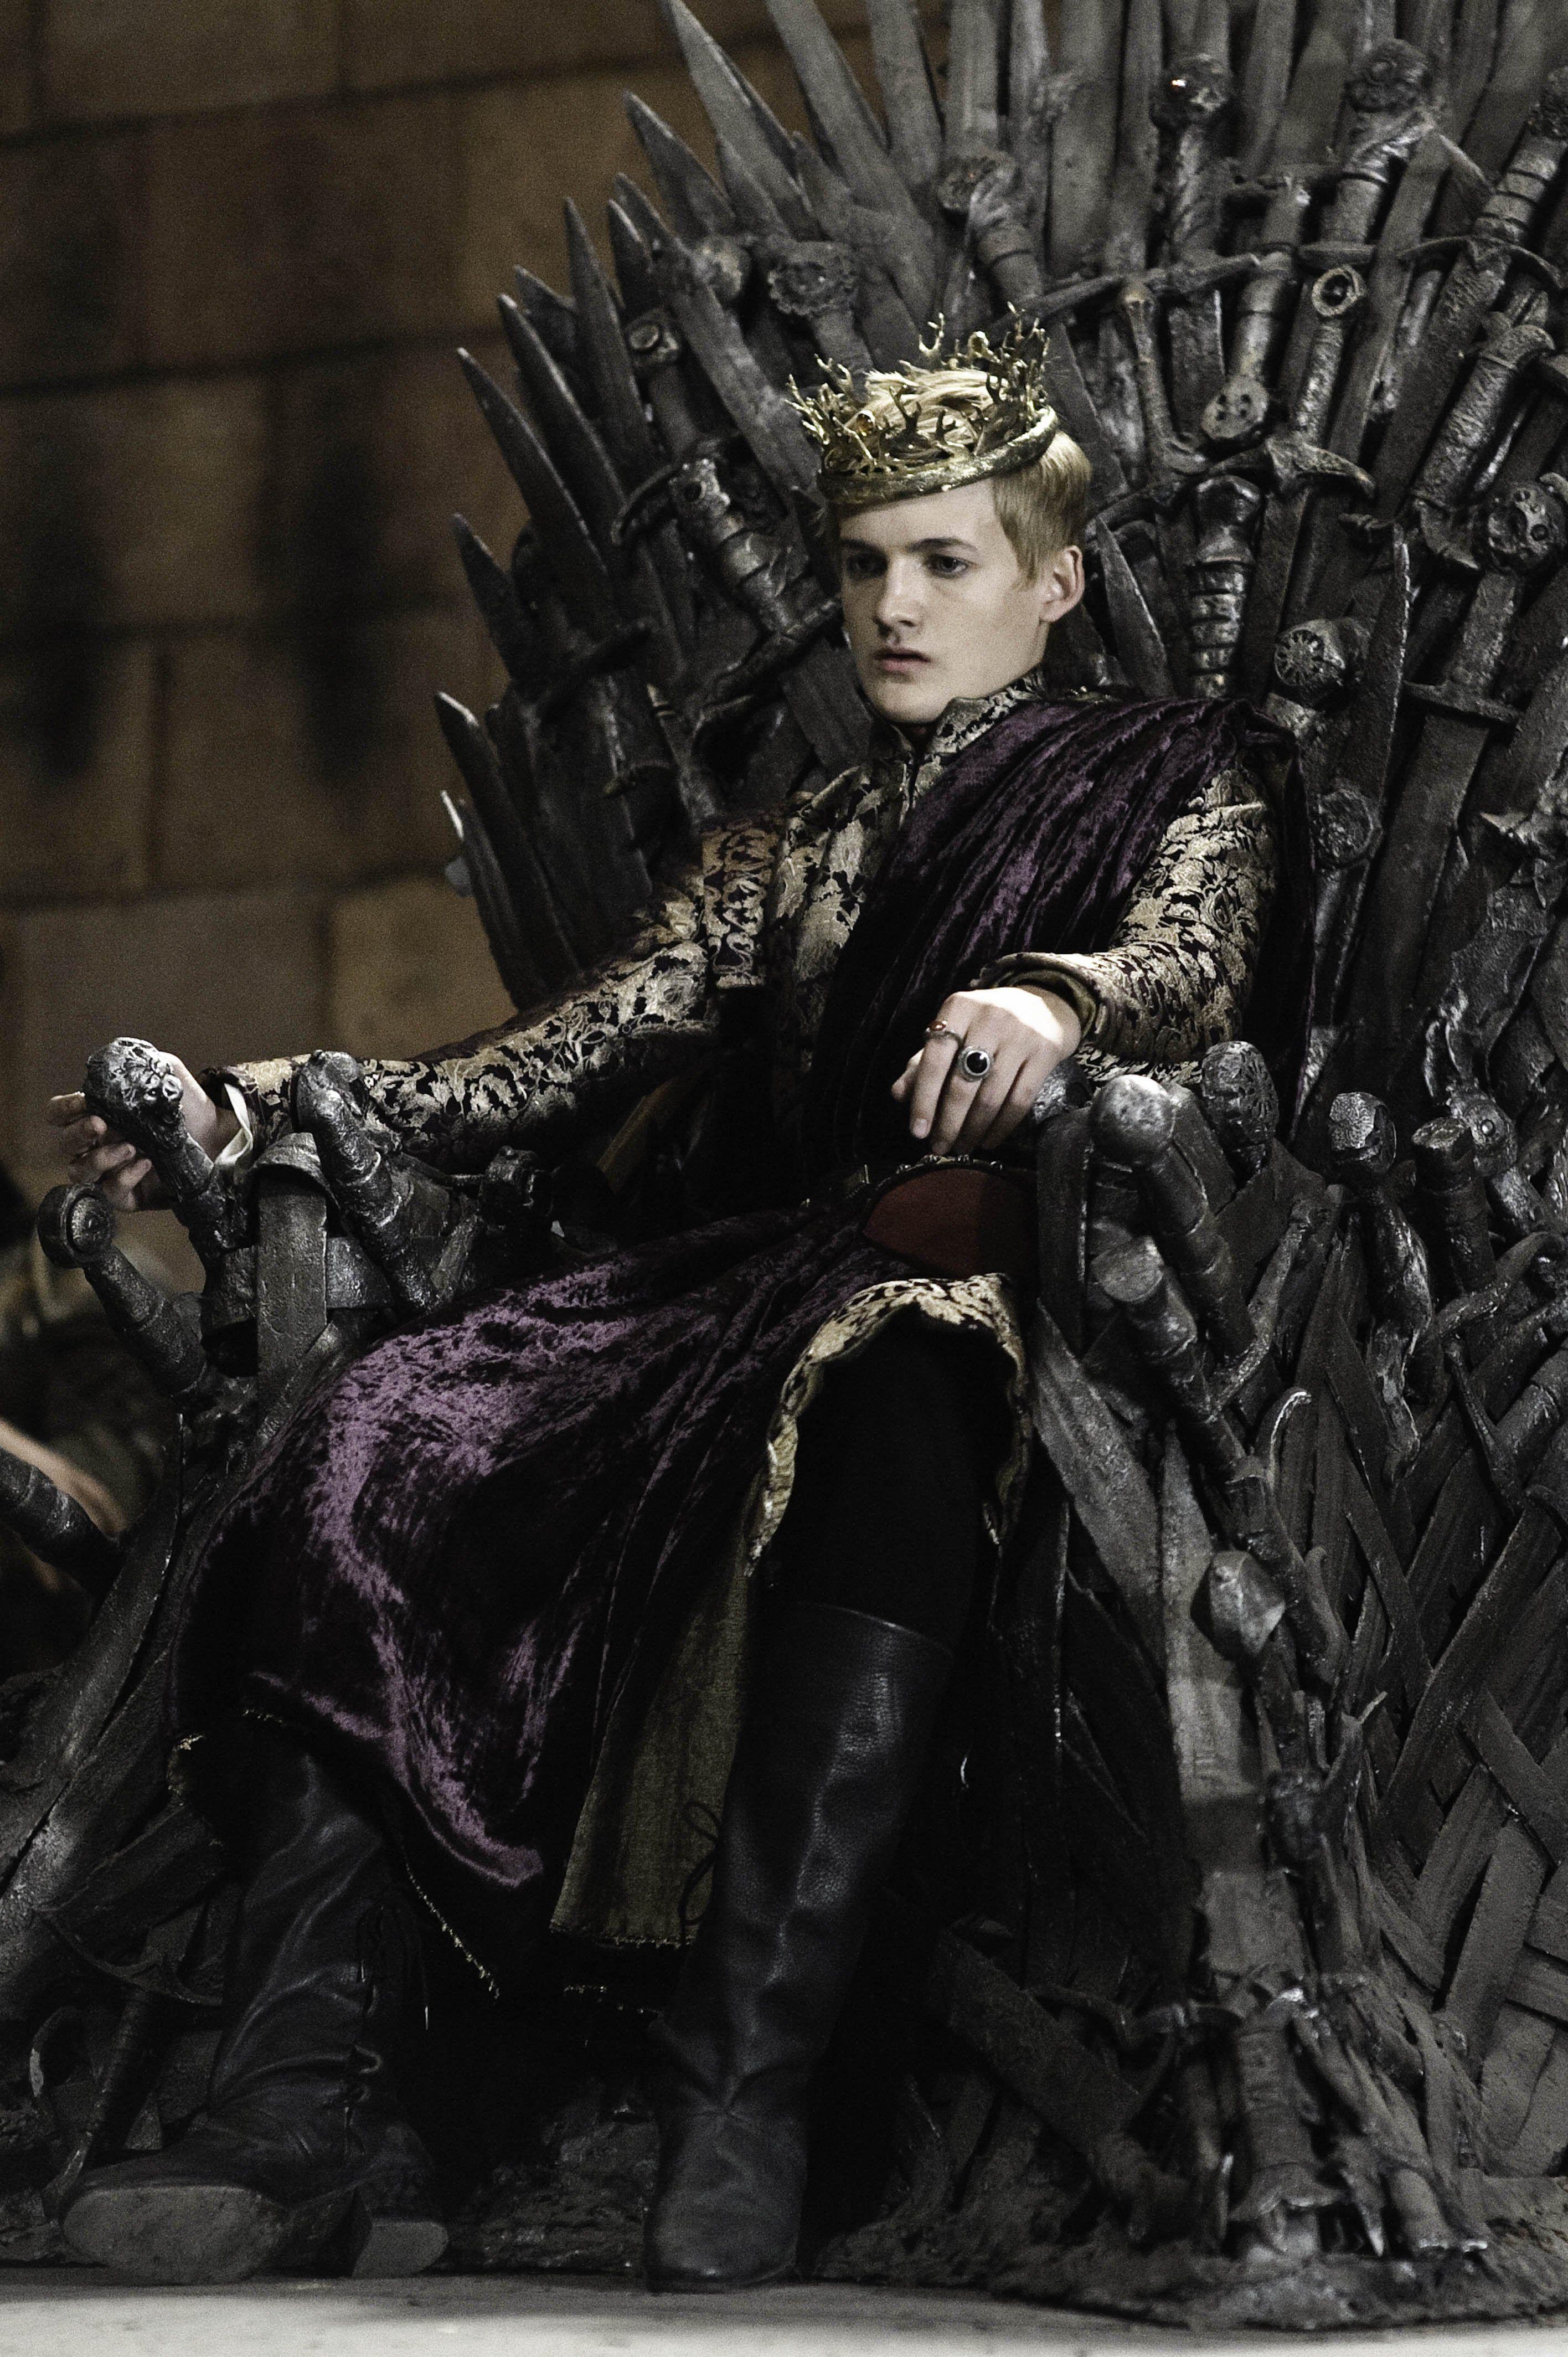 Game of Thrones - Season 2 Episode 4 Still | Joffrey ...